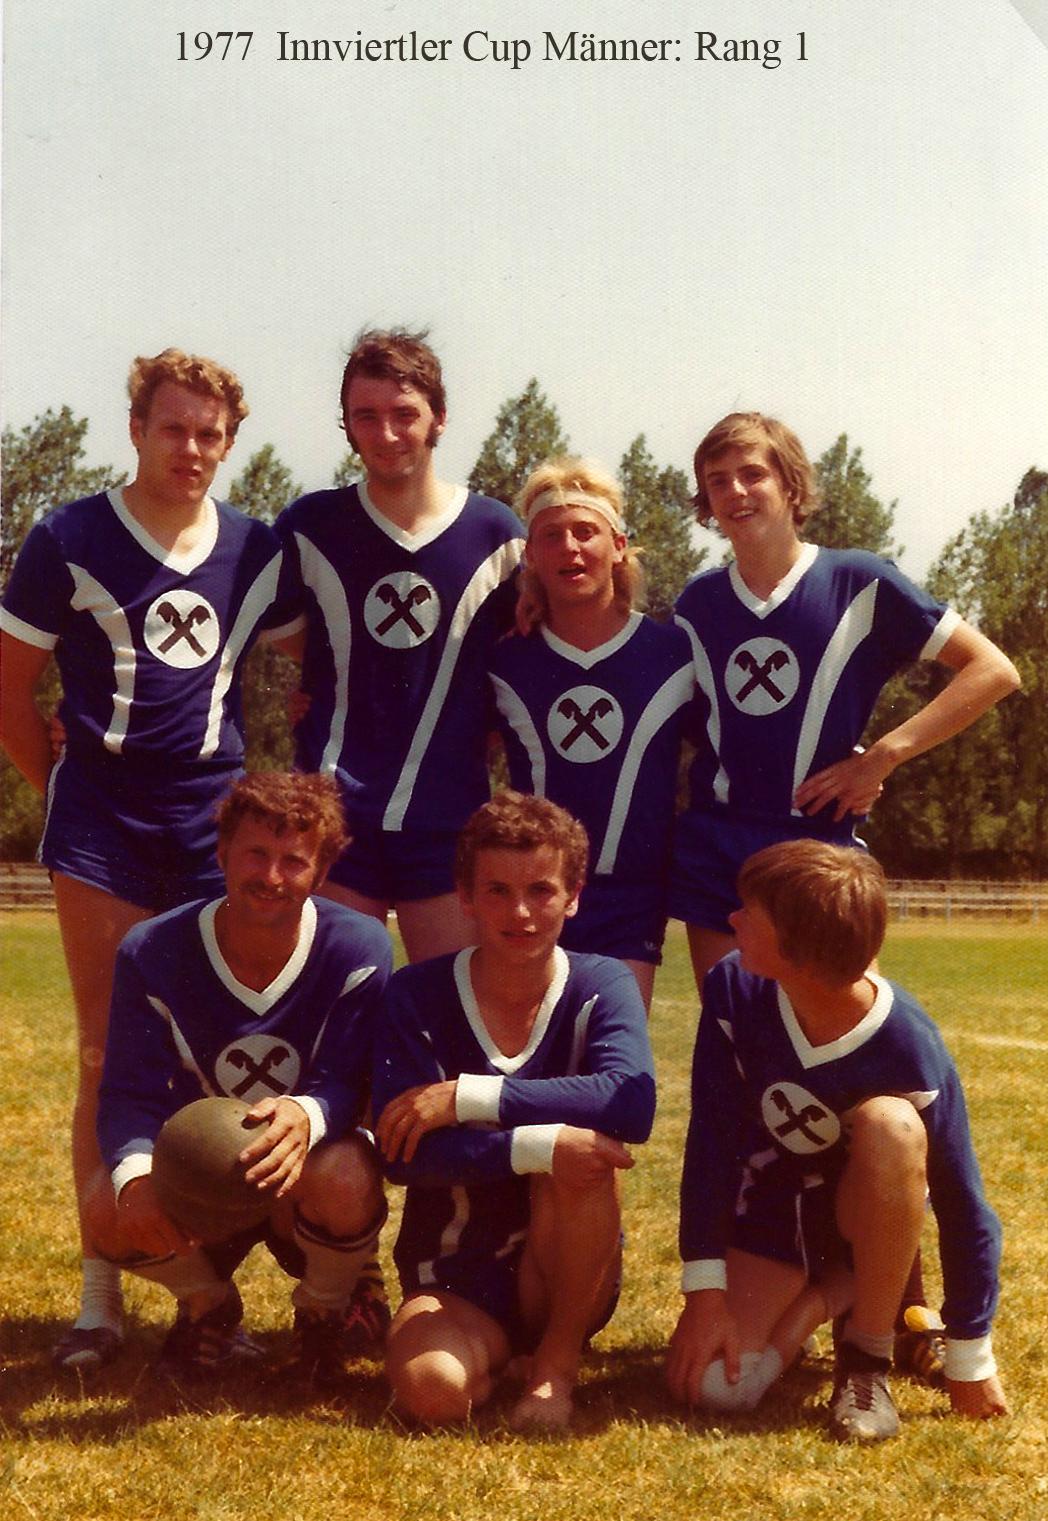 1977 Innviertler Cup Männer: Rang 1